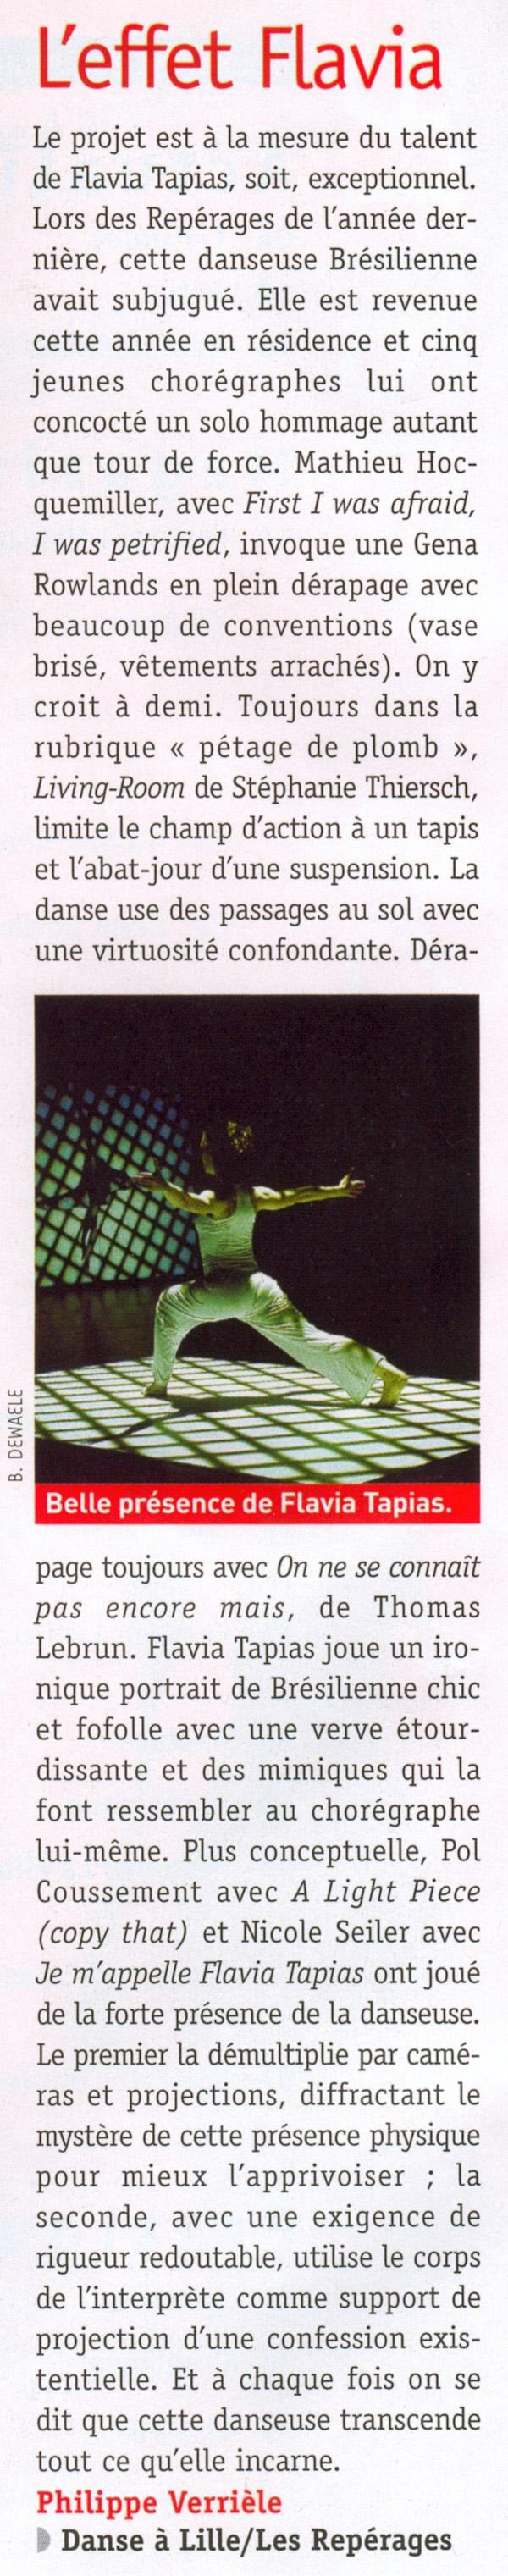 Flavia-critica-frança.jpg